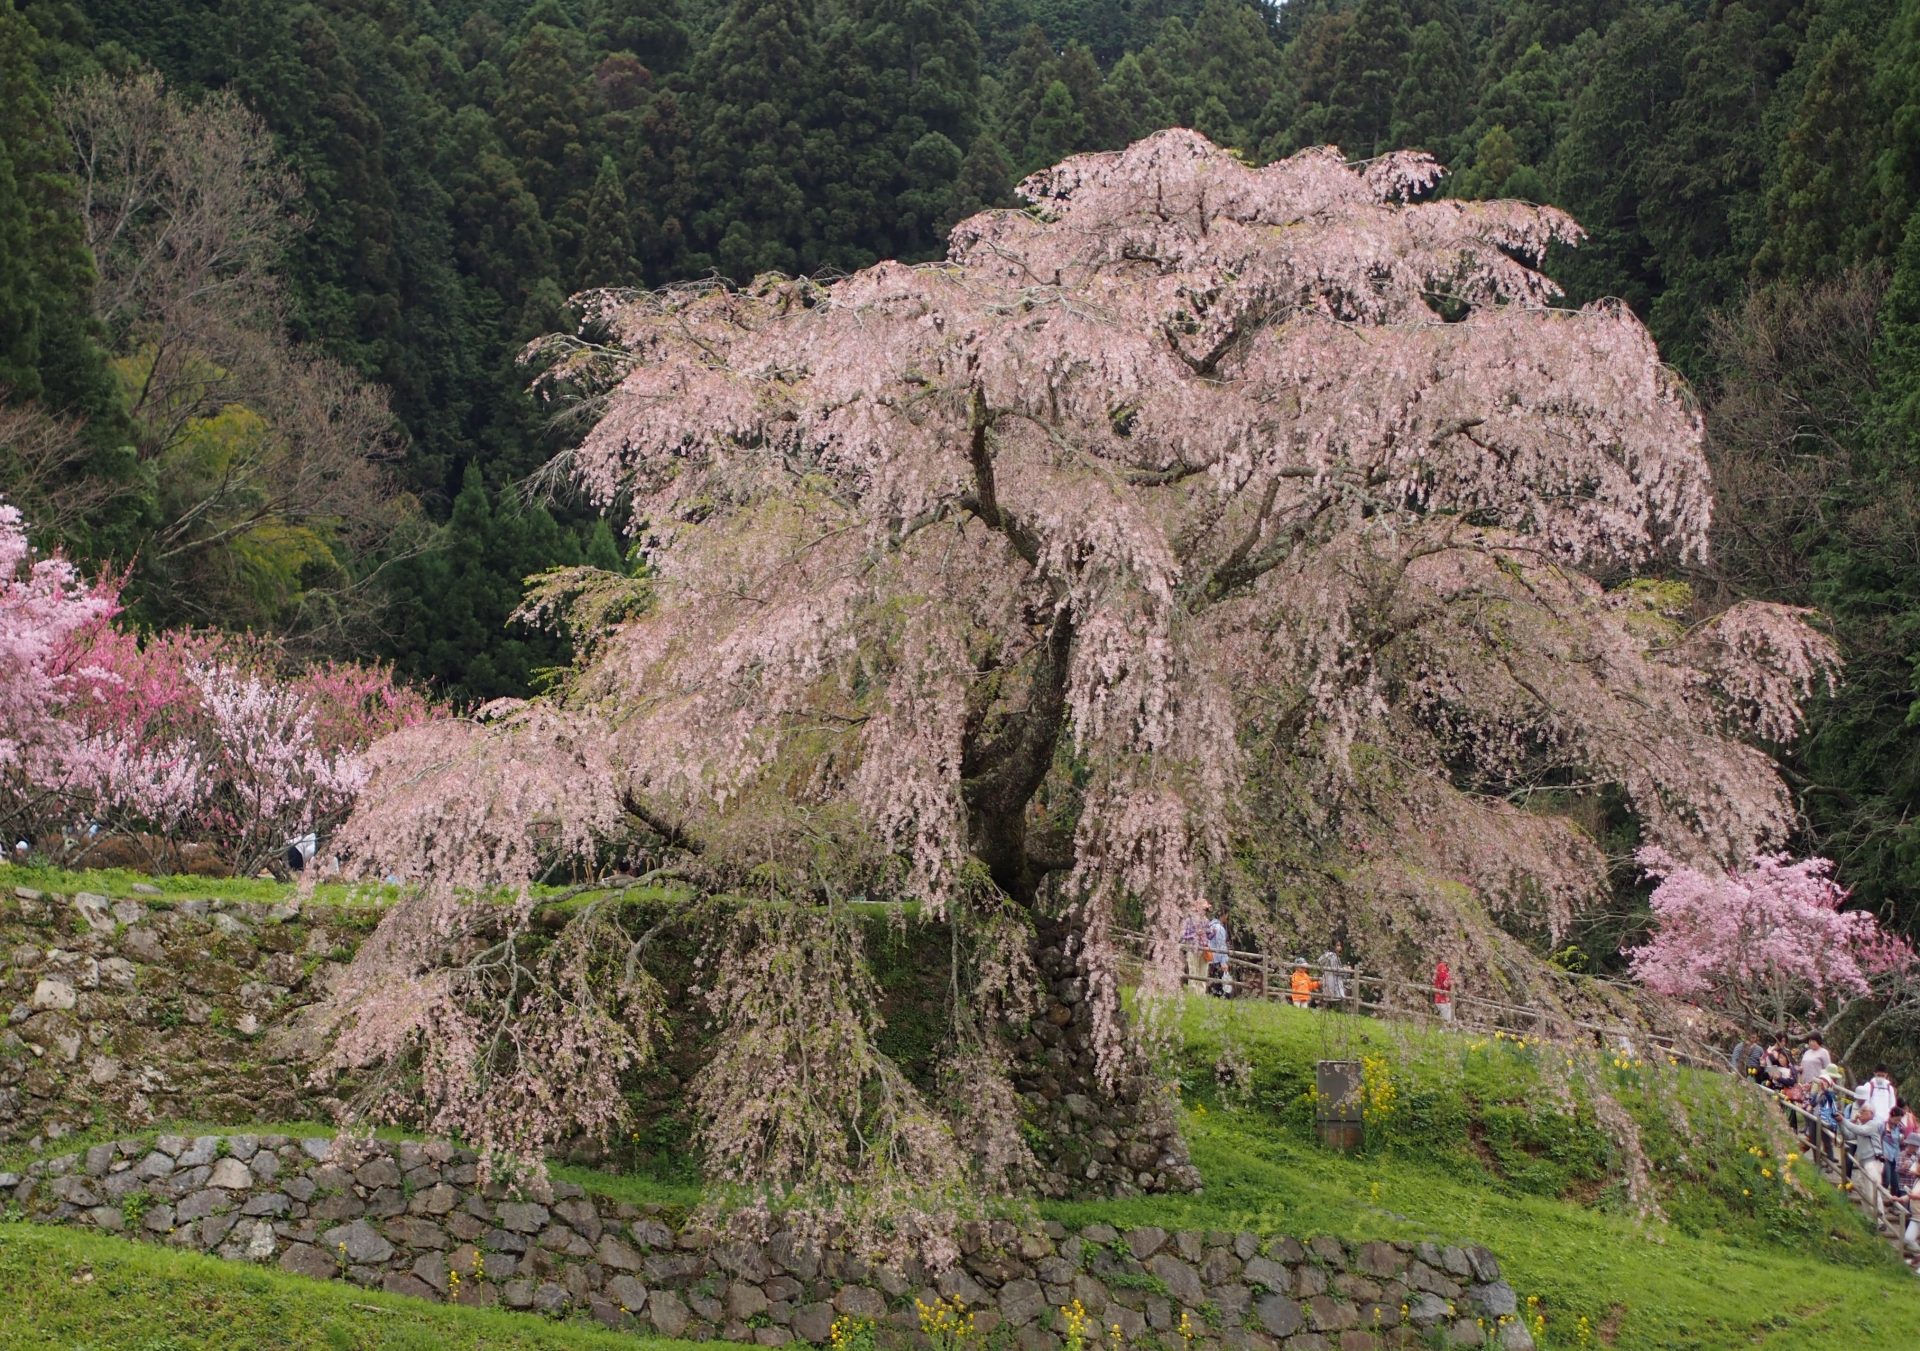 416922_m 奈良県  又兵衛桜(樹齢300年の美しい枝垂れ桜が咲く春におすすめのスポット! 写真の紹介、アクセス情報や駐車場情報など)